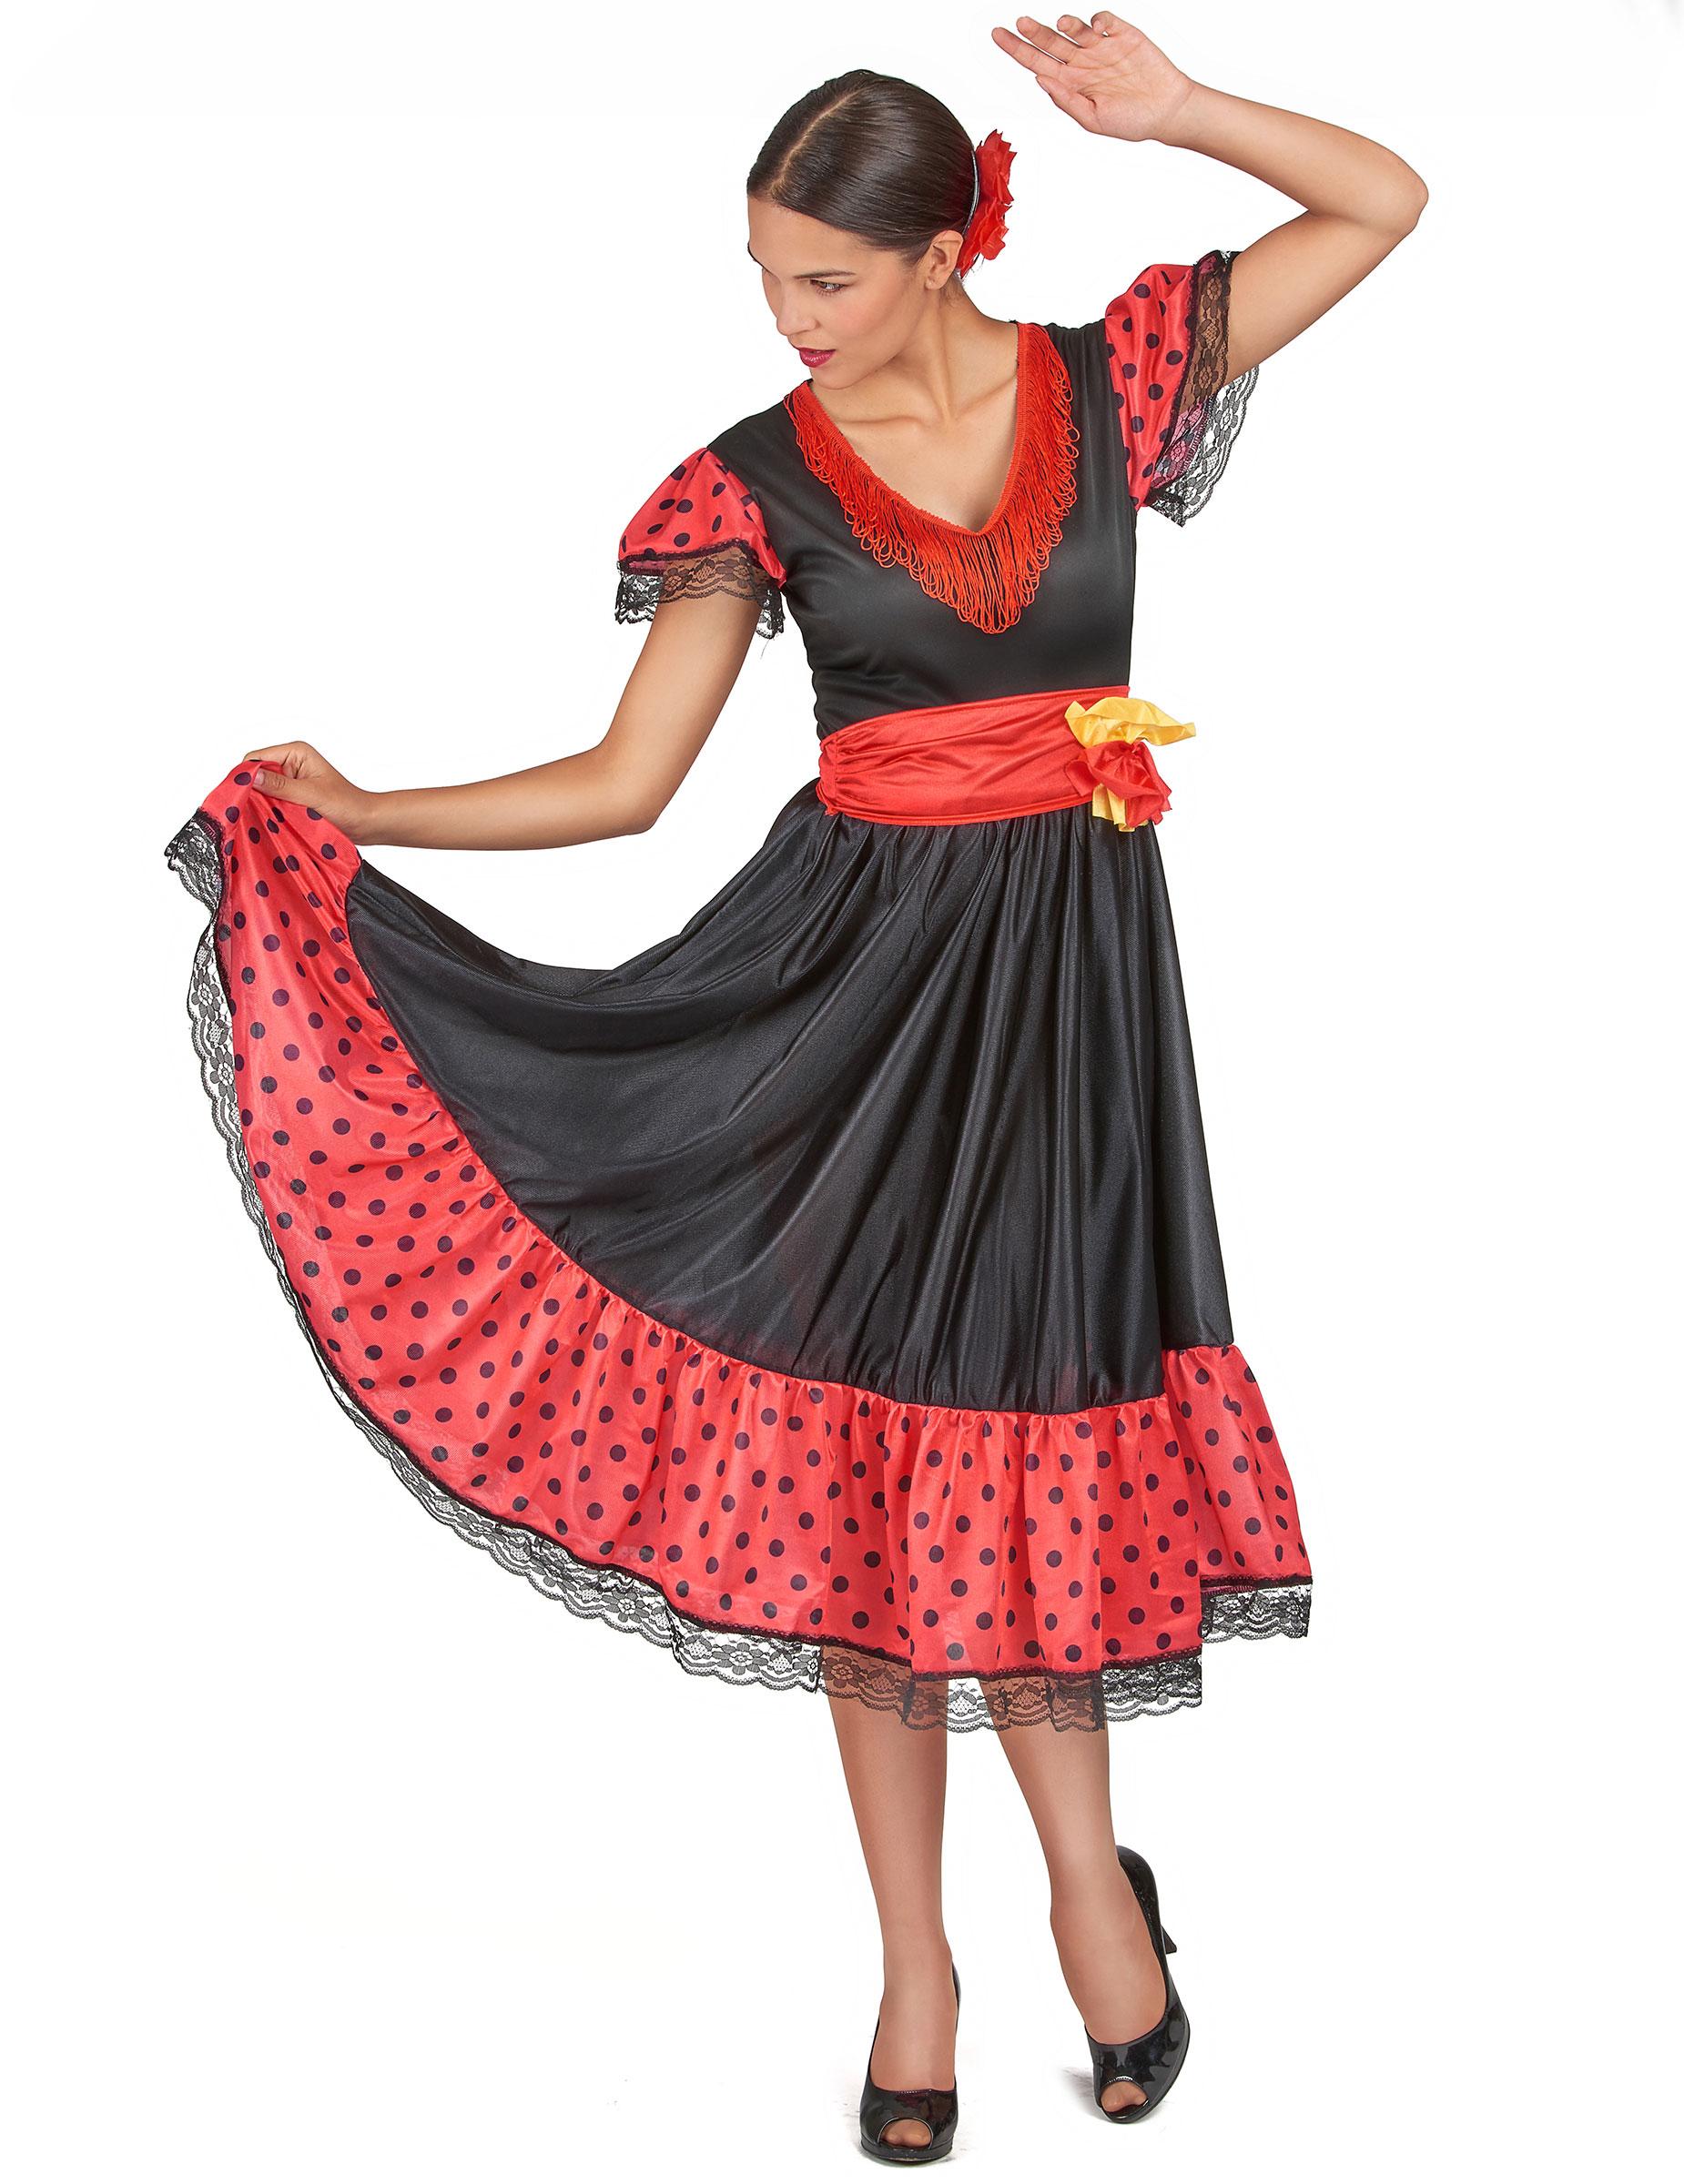 eb9b4fcbb8ccf Costume danzatrice di Flamenco  Costumi adulti